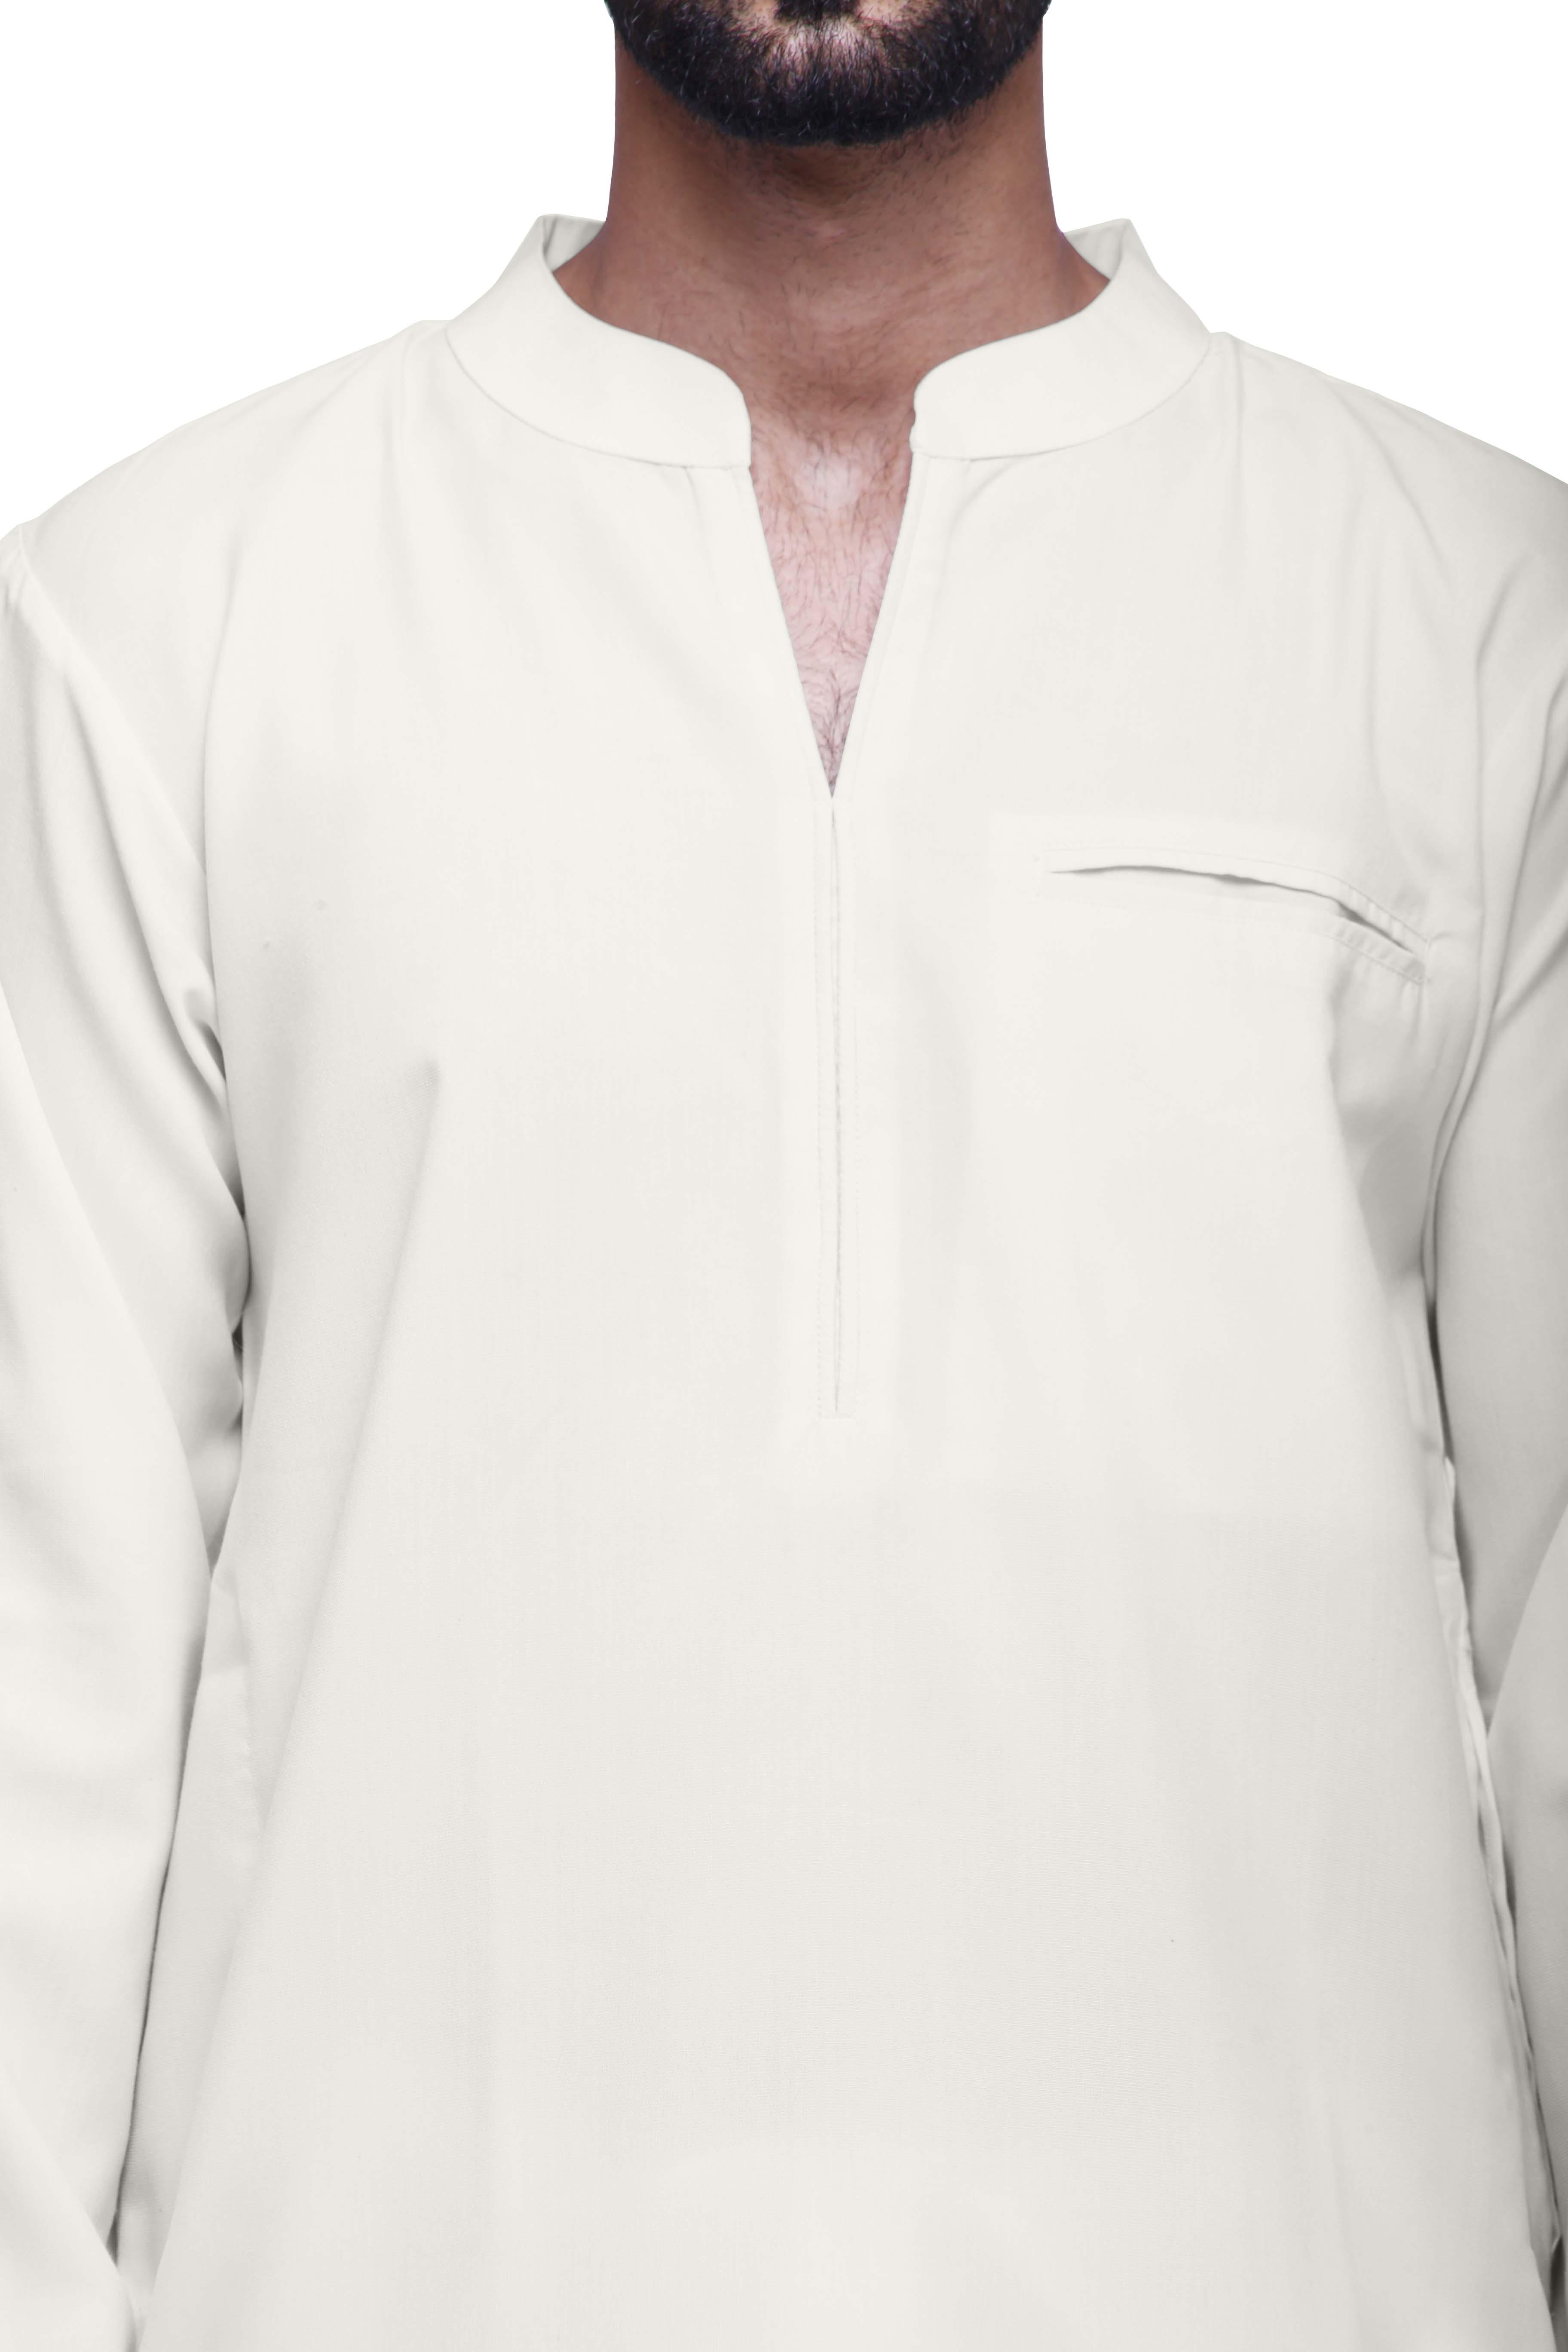 miniature 4 - Atasi Kurta mens kurta coton pour les garçons mariage solide longue-OLG